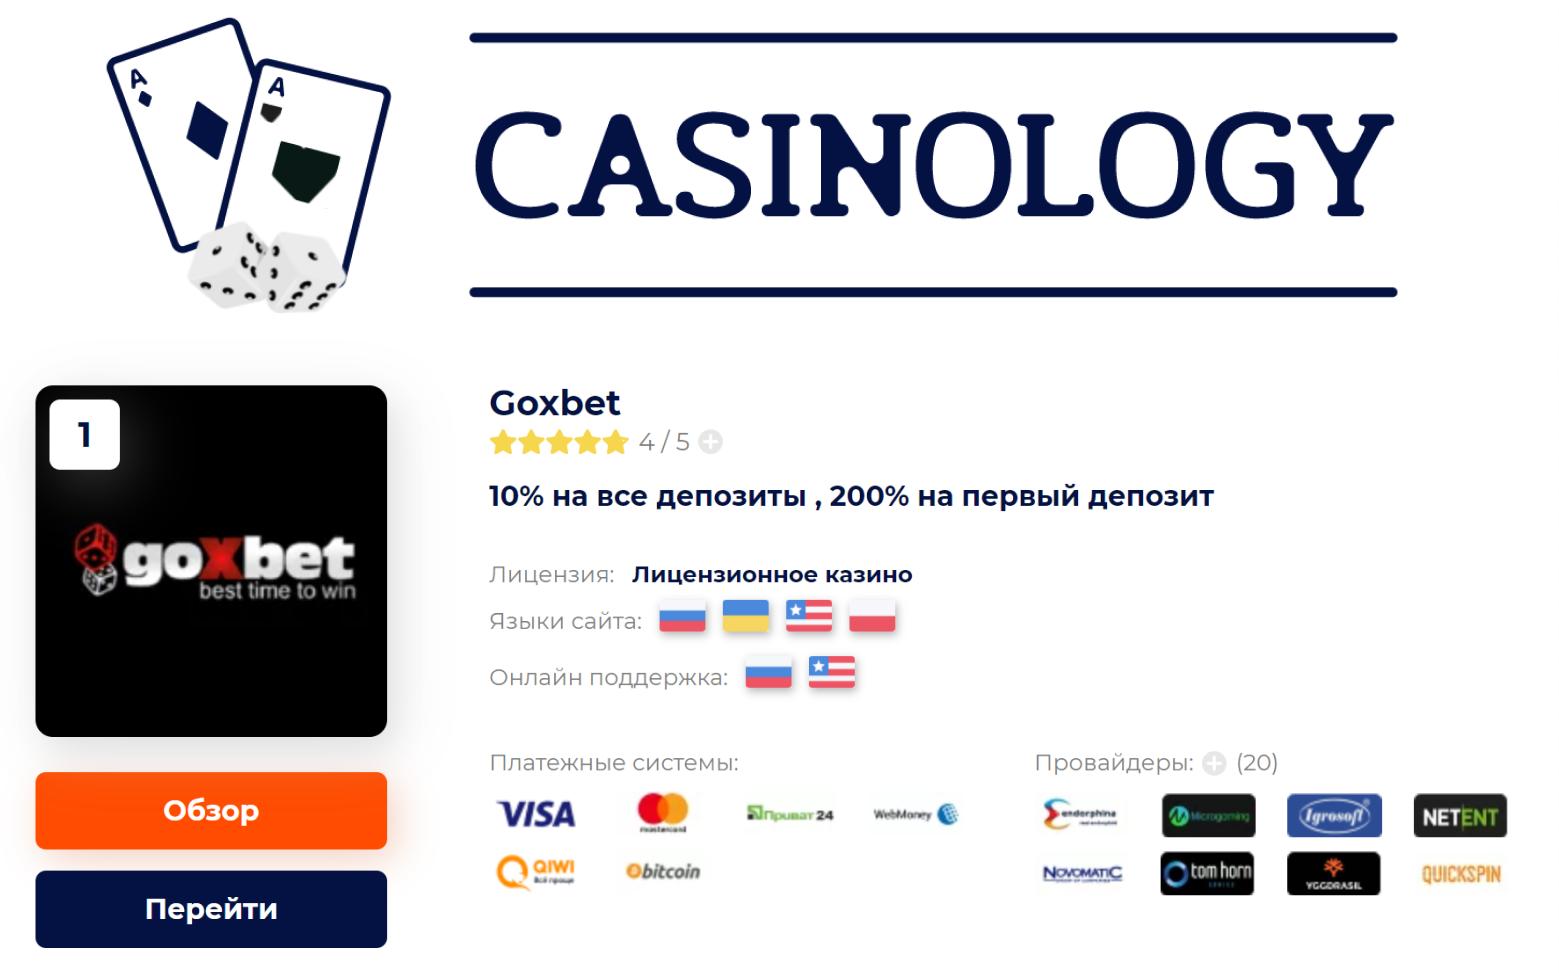 Casinology